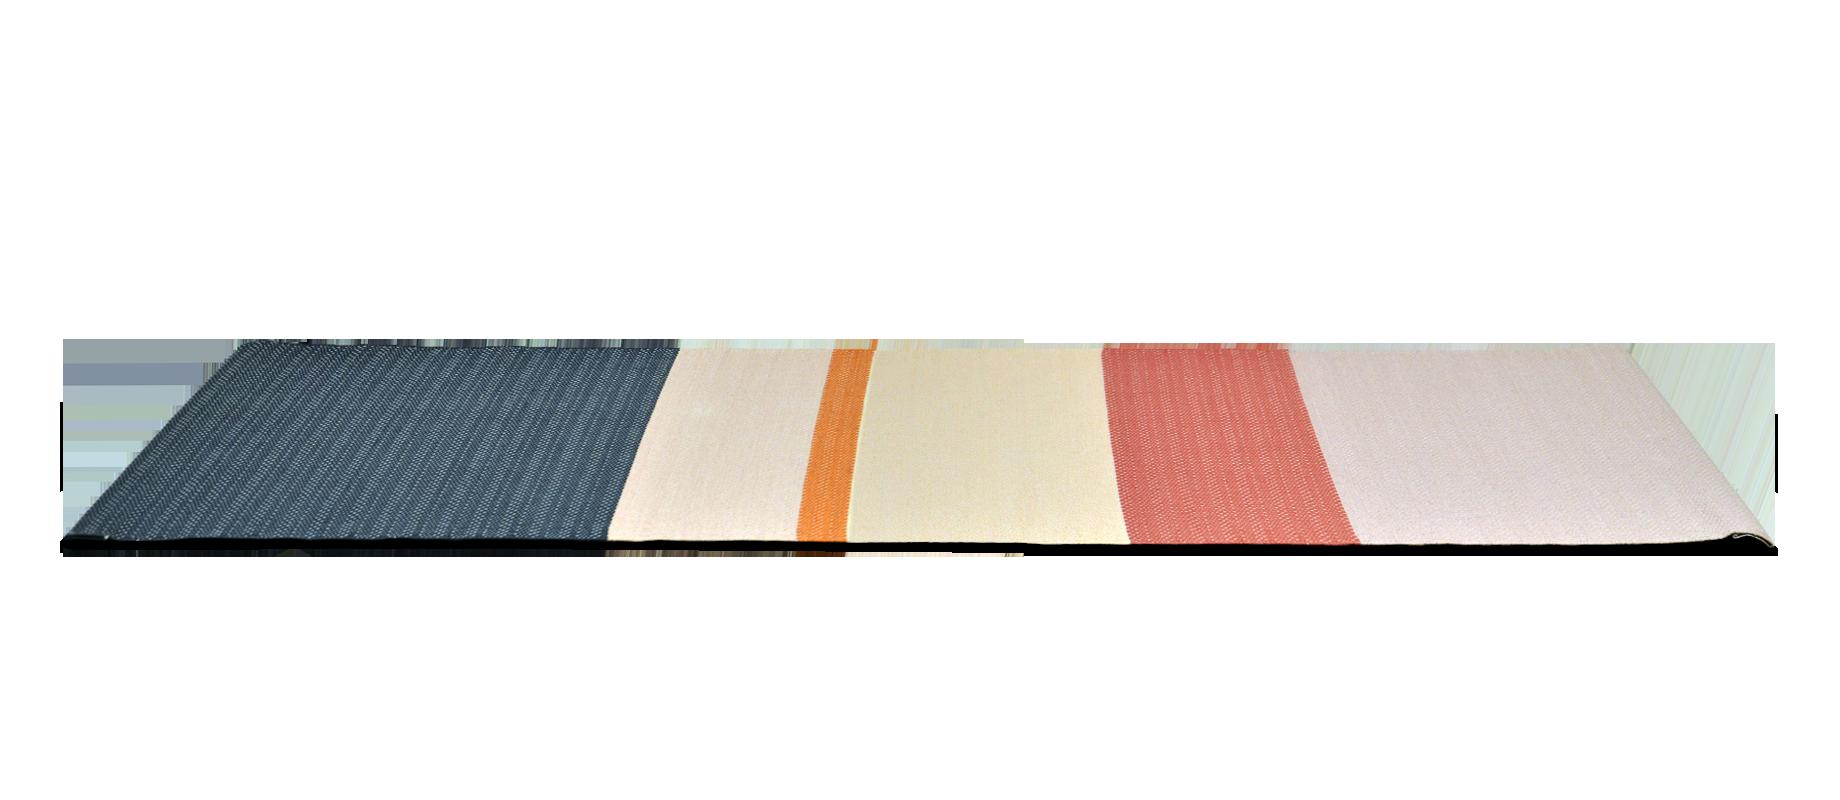 Carpet Colors Png 1670 #20454.